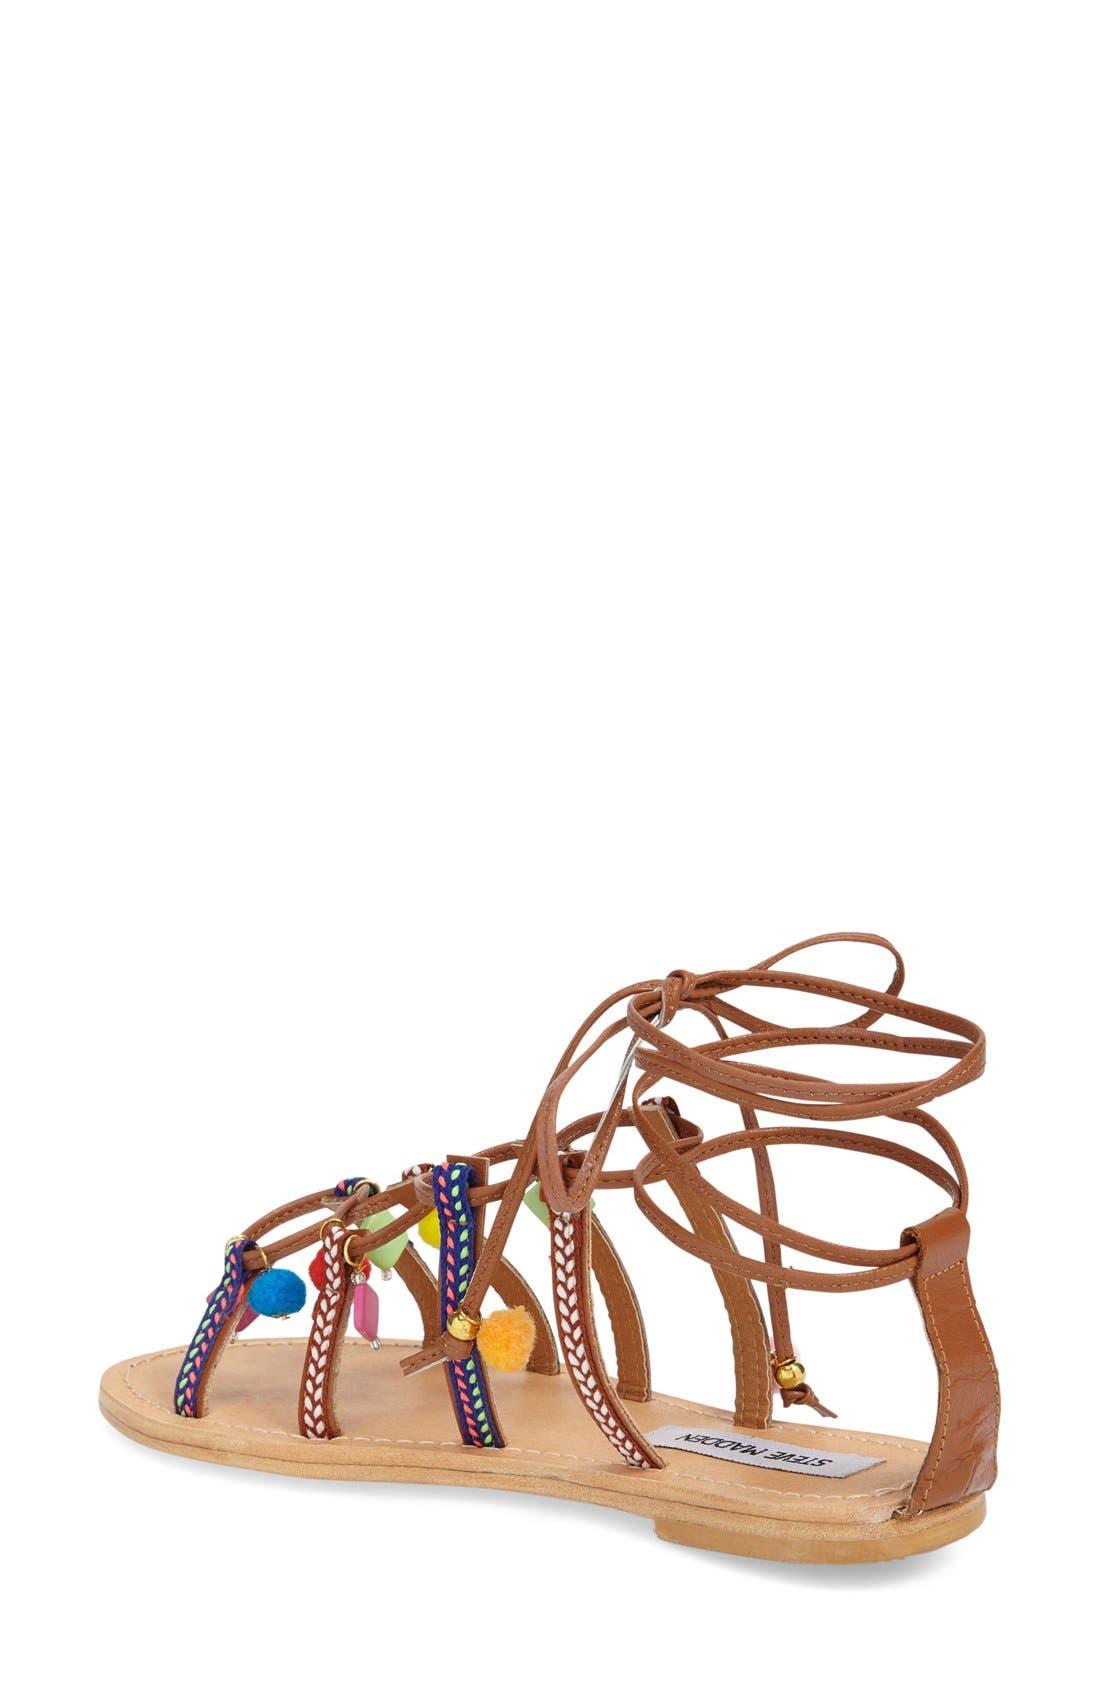 Alternate Image 2  - Steve Madden 'Ommaha' Embellished Lace-up Sandal (Women)